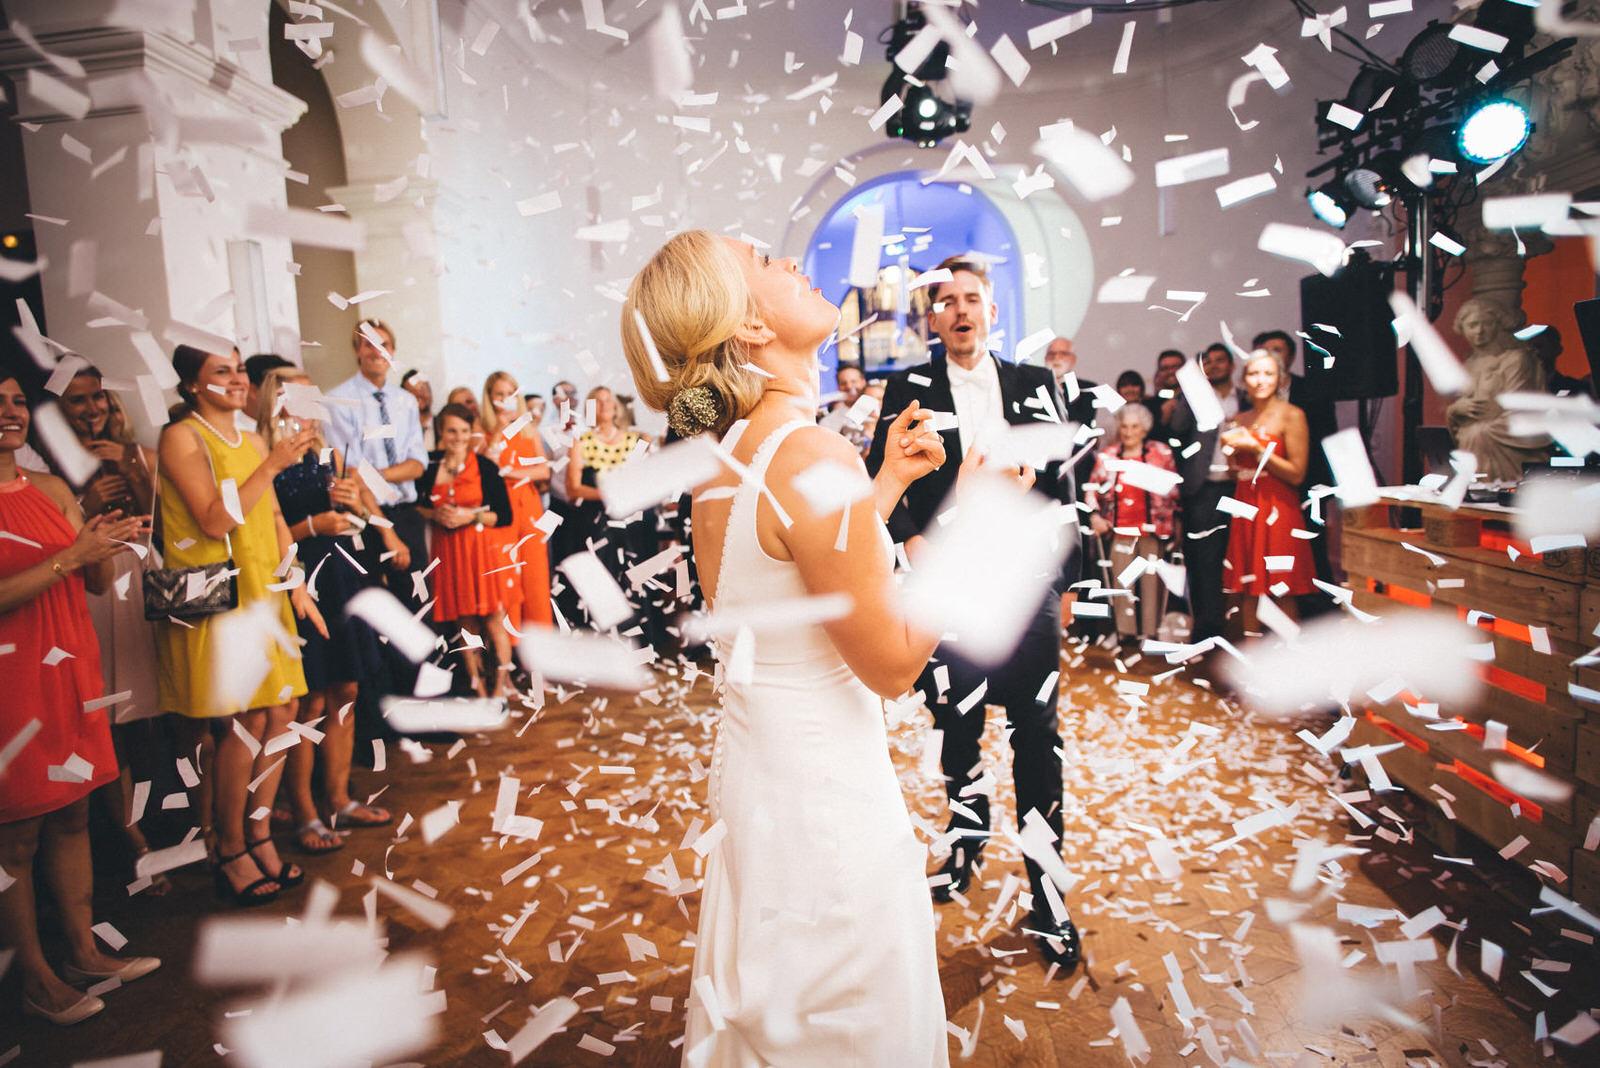 Hochzeitsfotograf Tübingen Hochzeitsreportage Bruno Biermann Schlosshochzeit Party mit Konfetti Slideshow Main